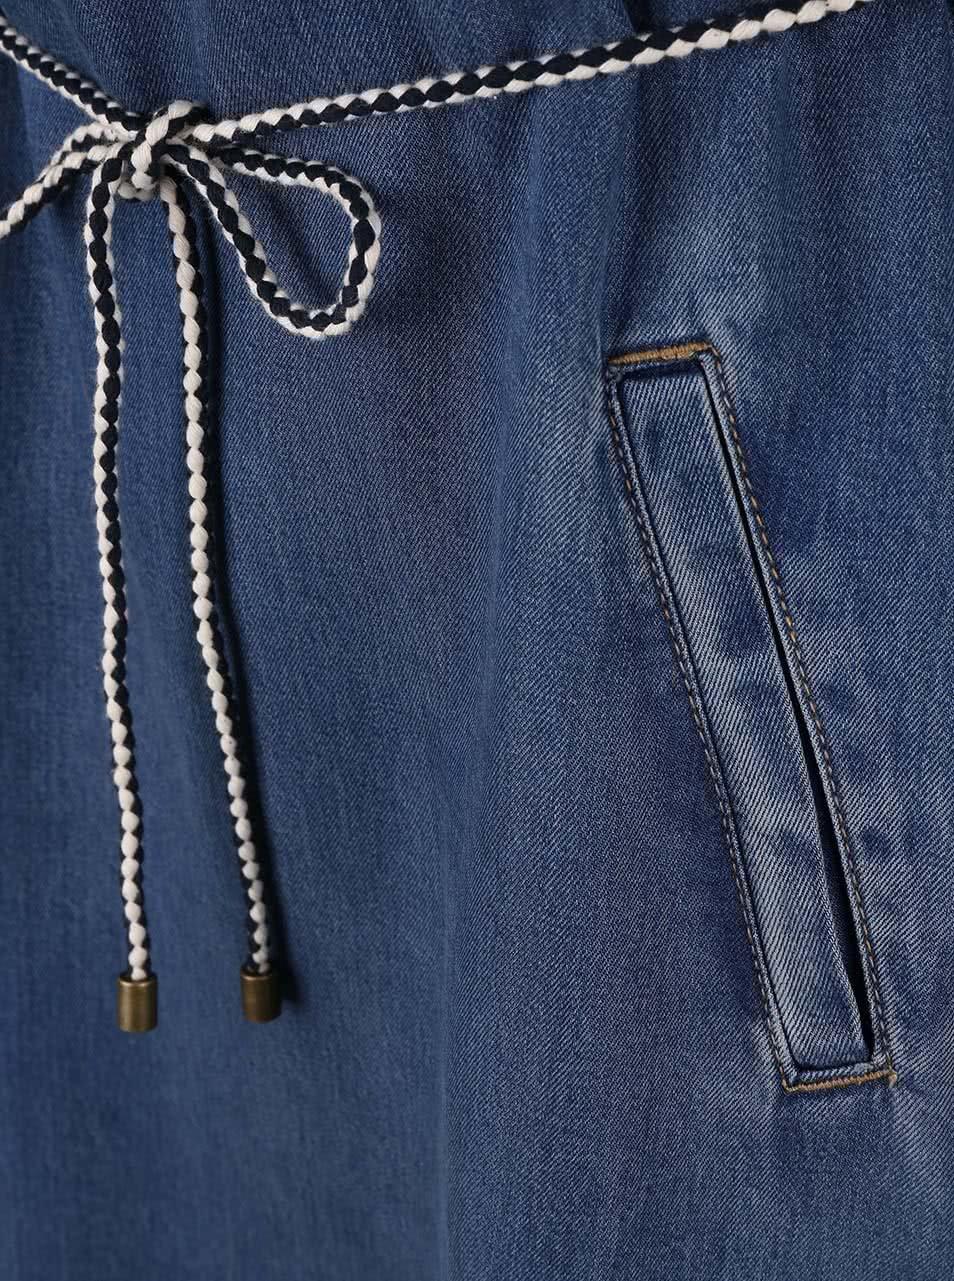 1f1783691 Modré dámske rifľové šaty s.Oliver | ZOOT.sk